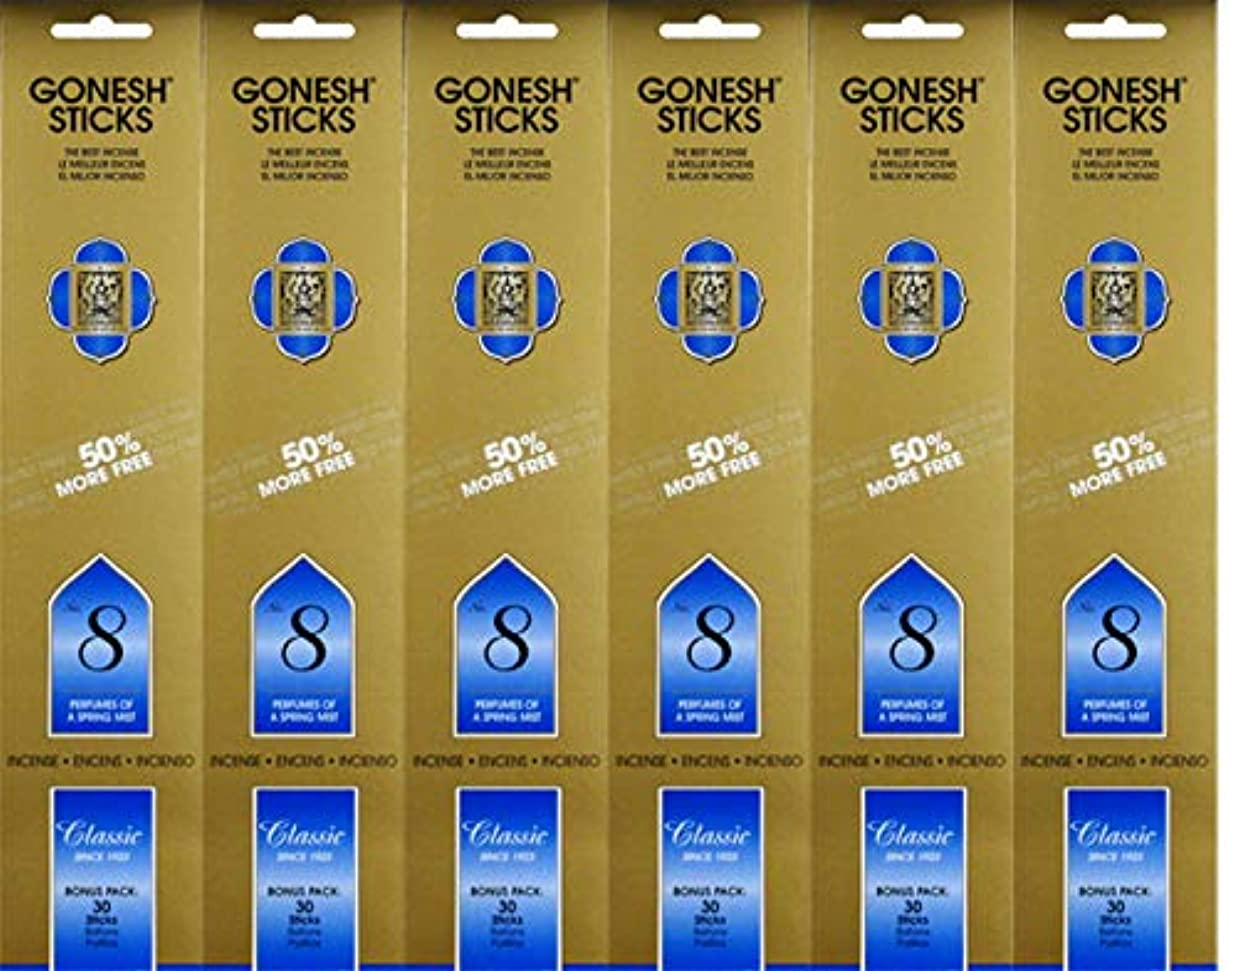 添加難しい登録するGonesh #8 Bonus Pack 30 sticks ガーネッシュ#8 ボーナスパック30本入 6個組 180本